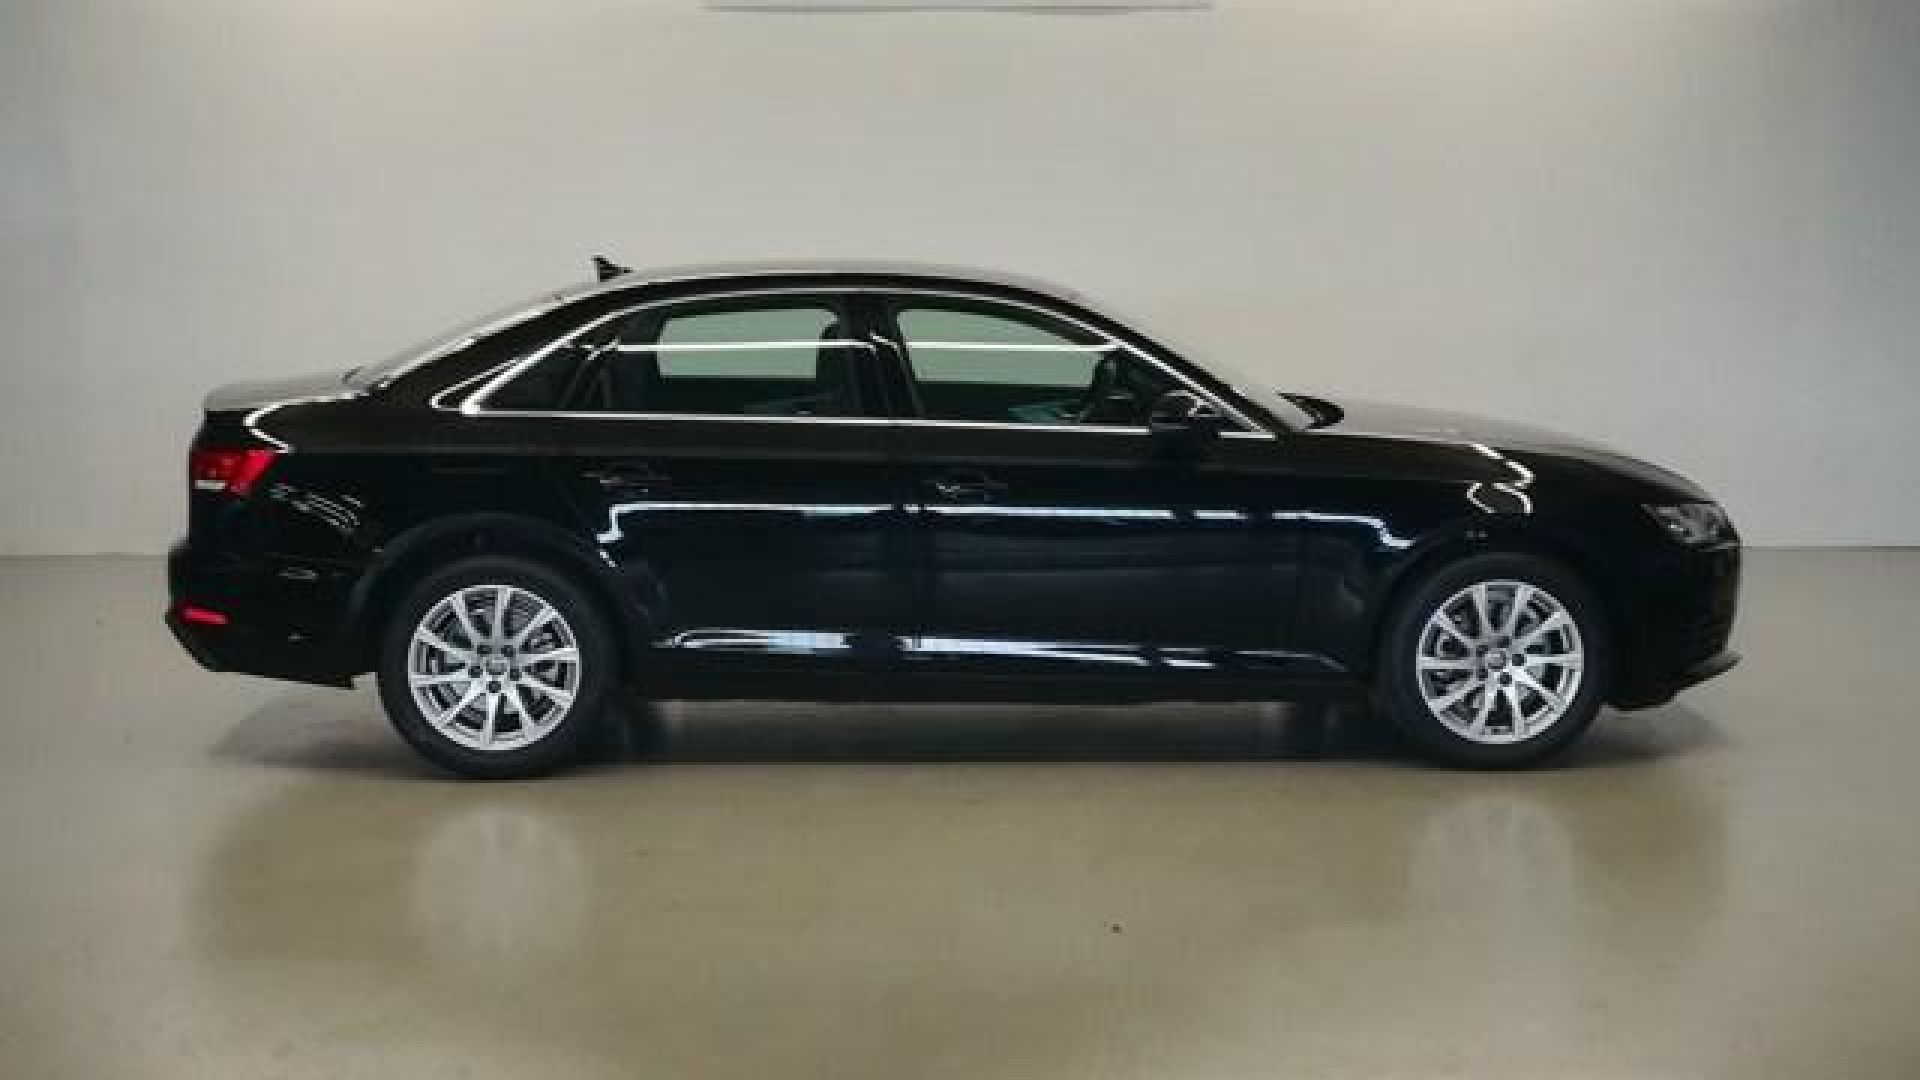 Audi A4 Advanced 35 TFSI 110kW (150CV) S tronic